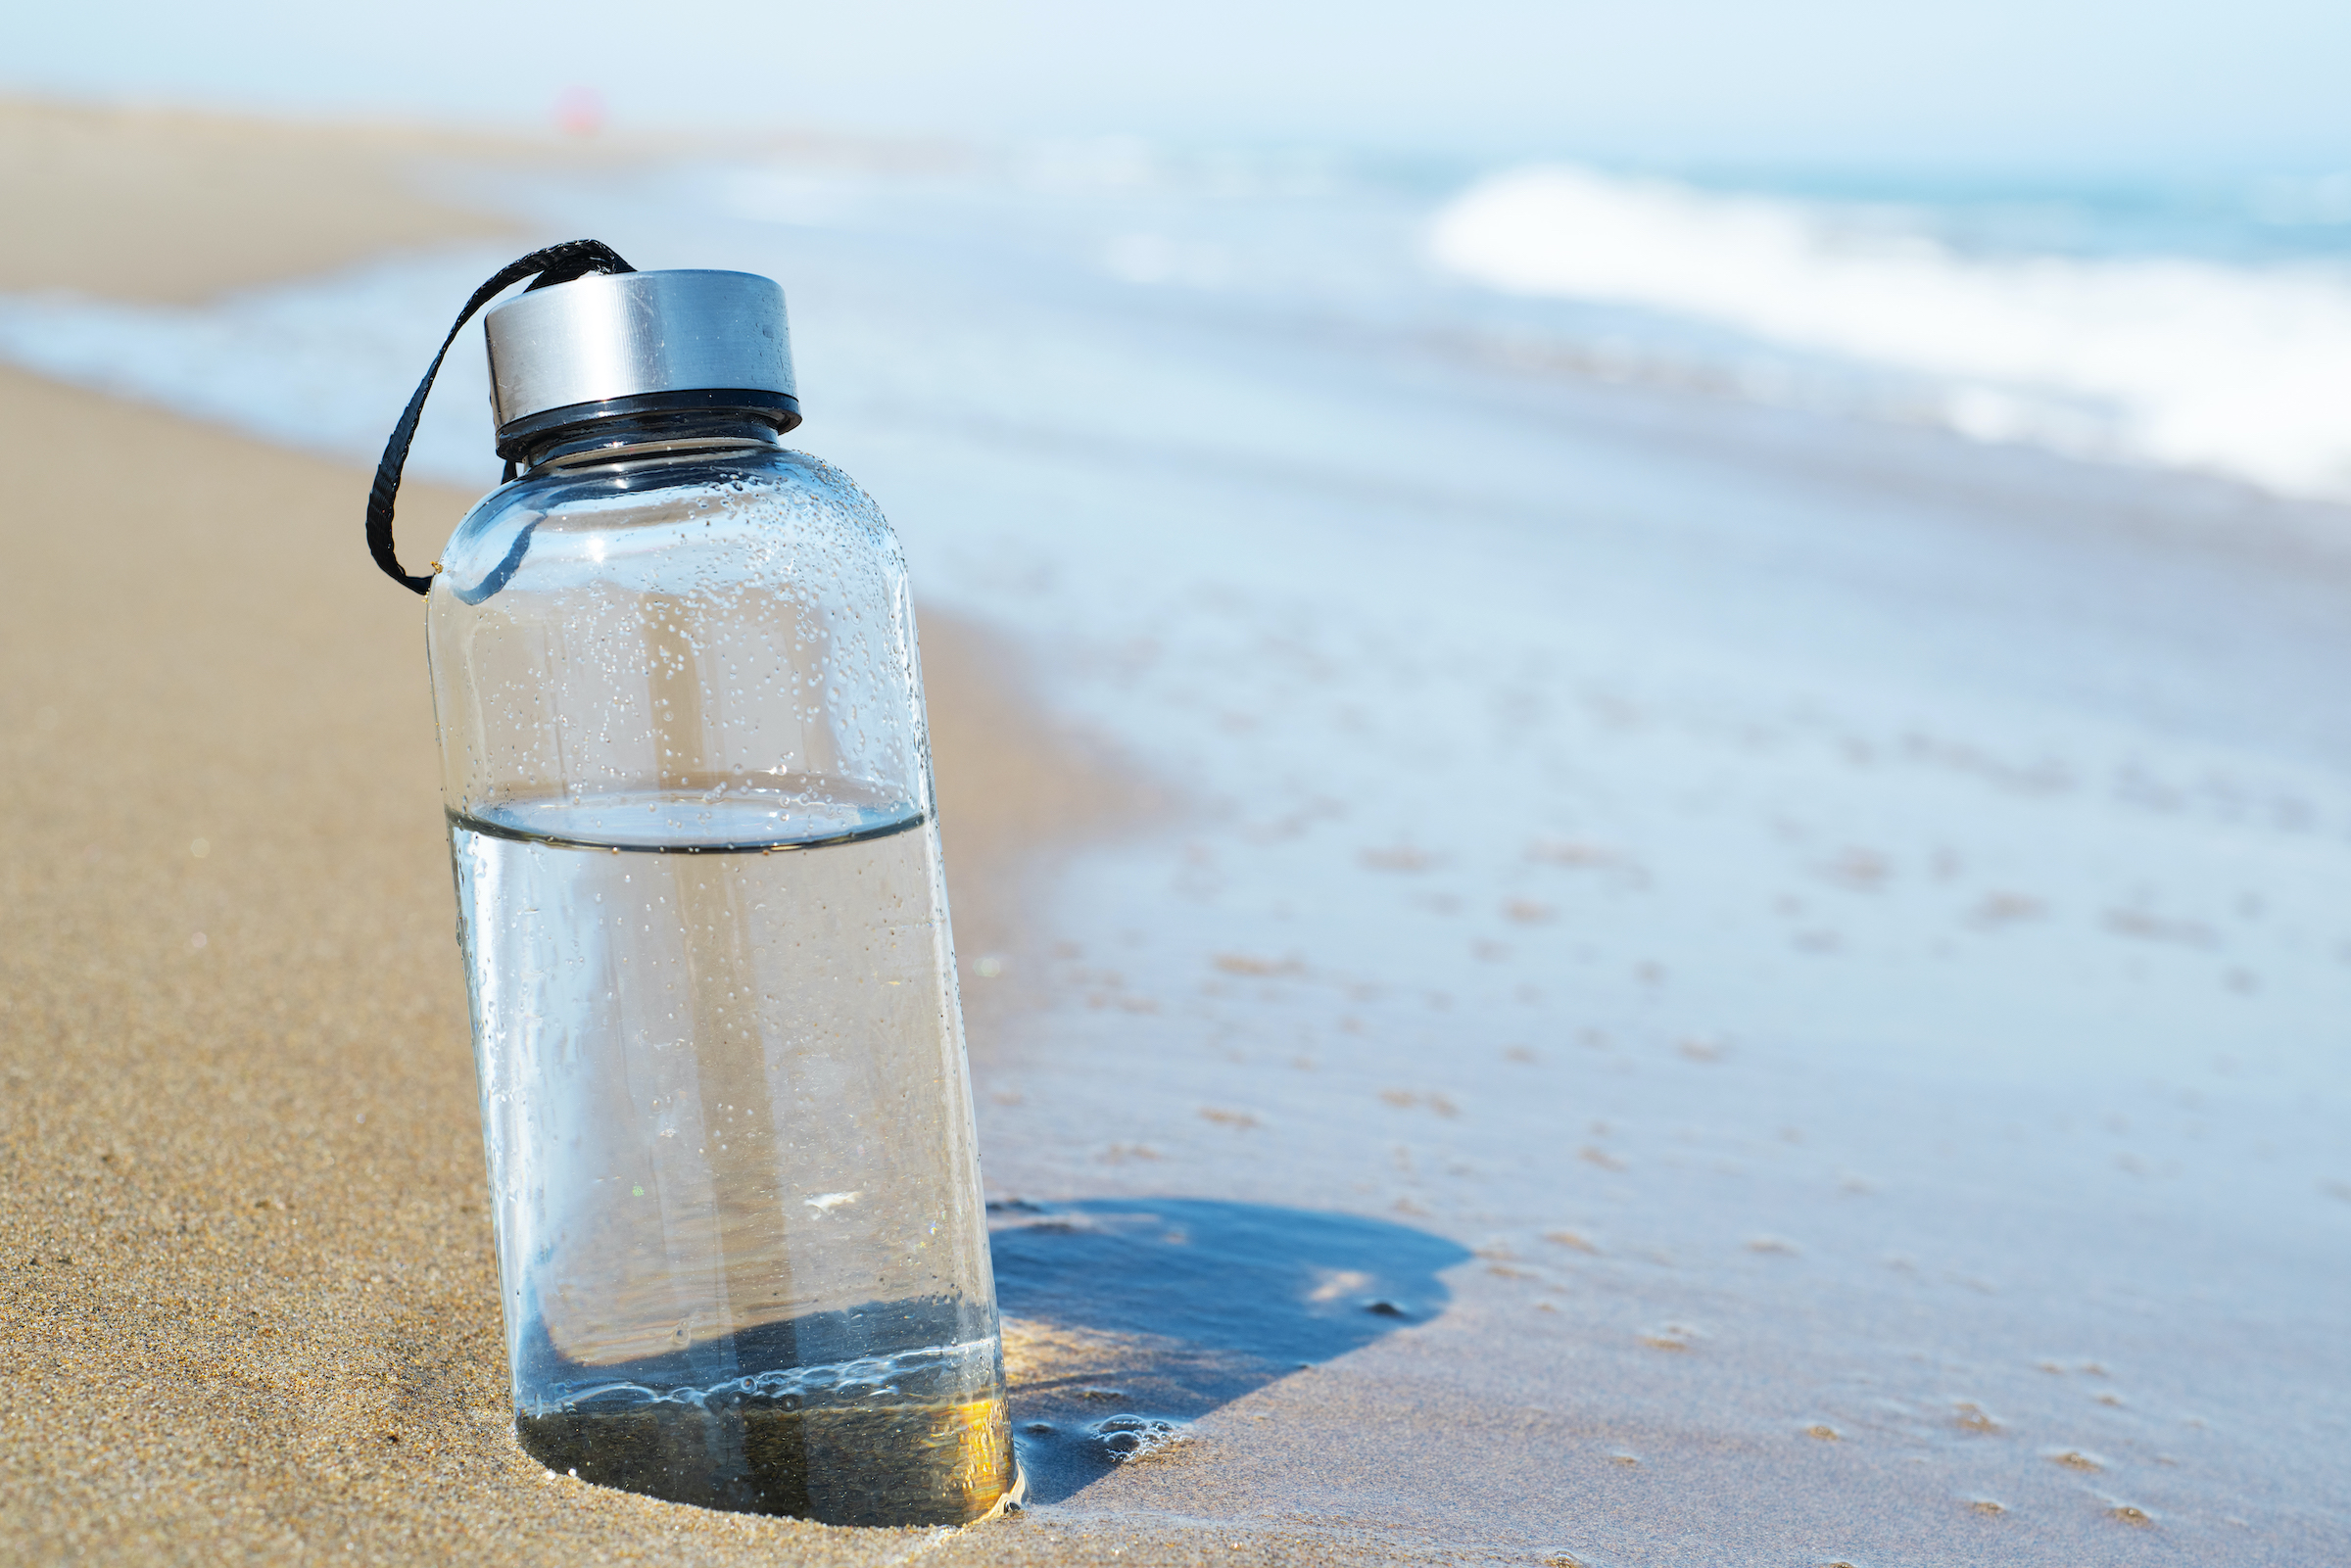 Convierten agua de mar en agua potable en menos de 30 minutos con luz solar | Life - ComputerHoy.com